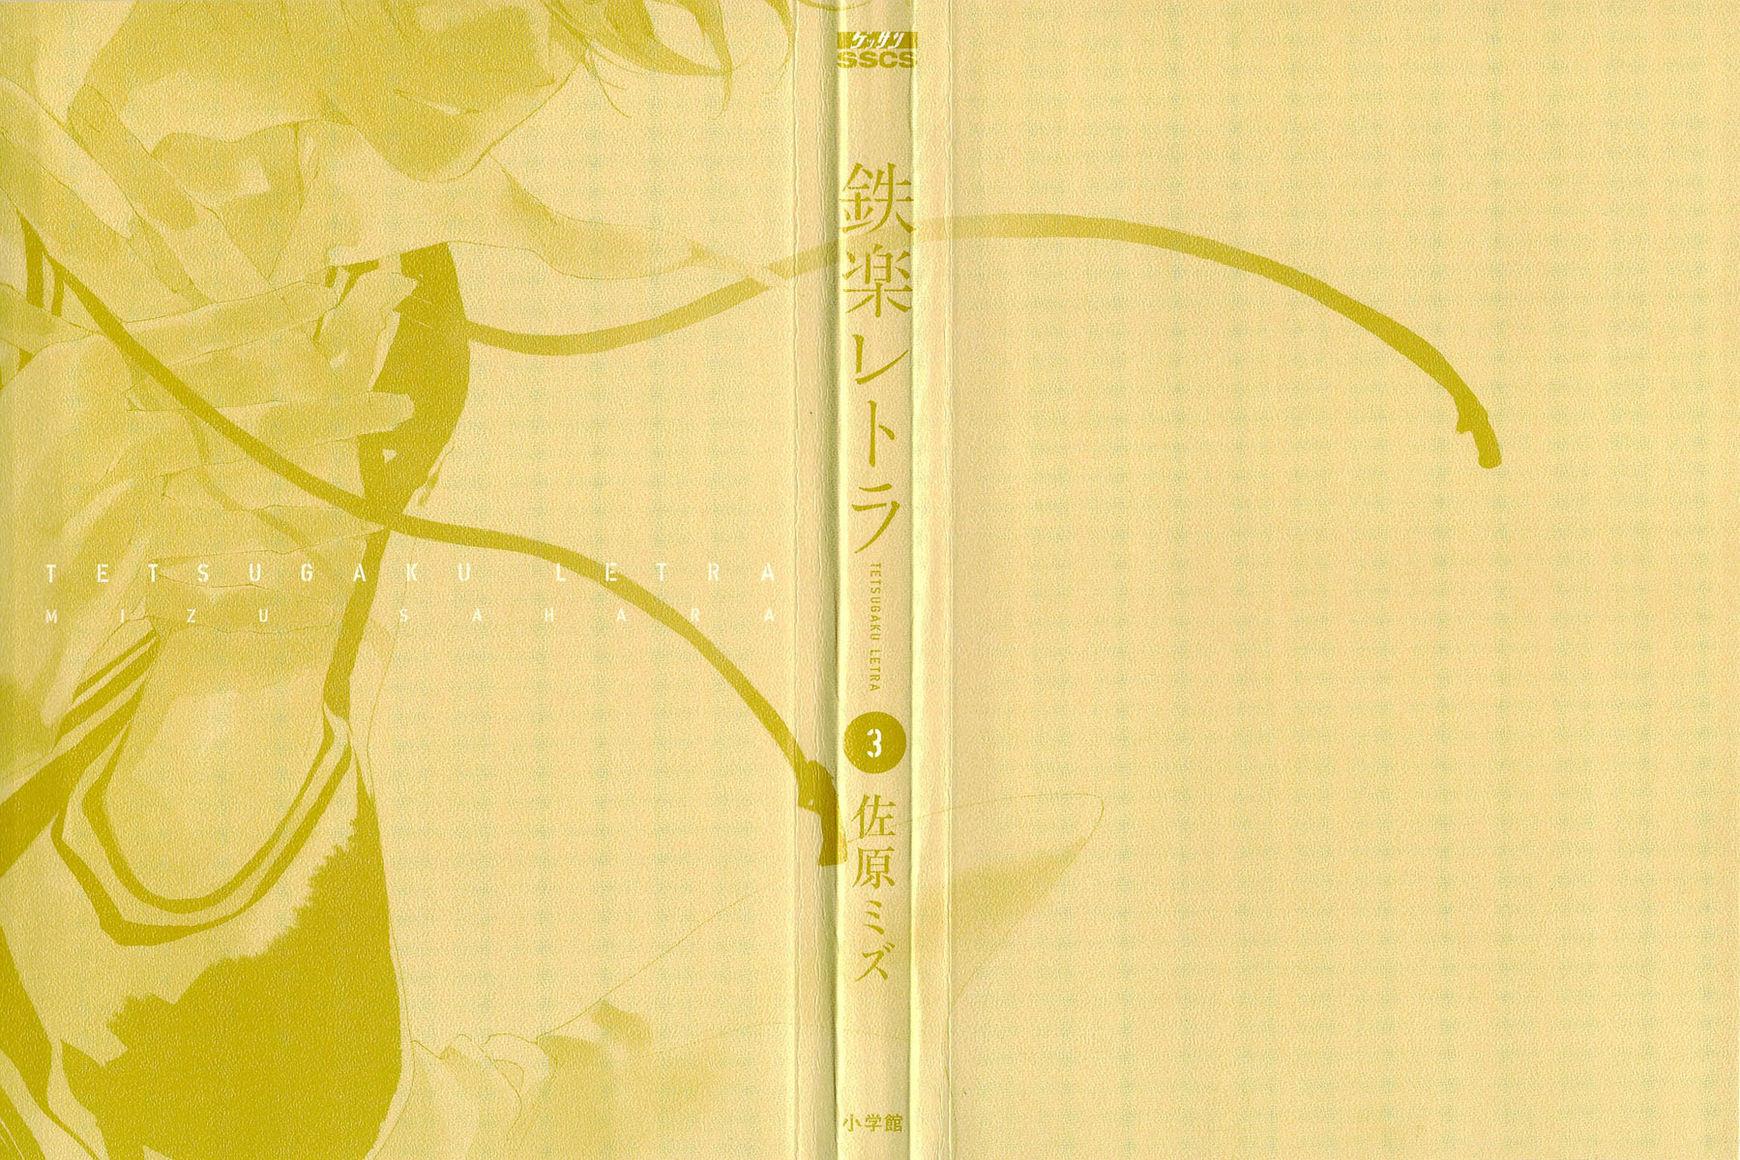 Tetsugaku Letra 9 Page 2